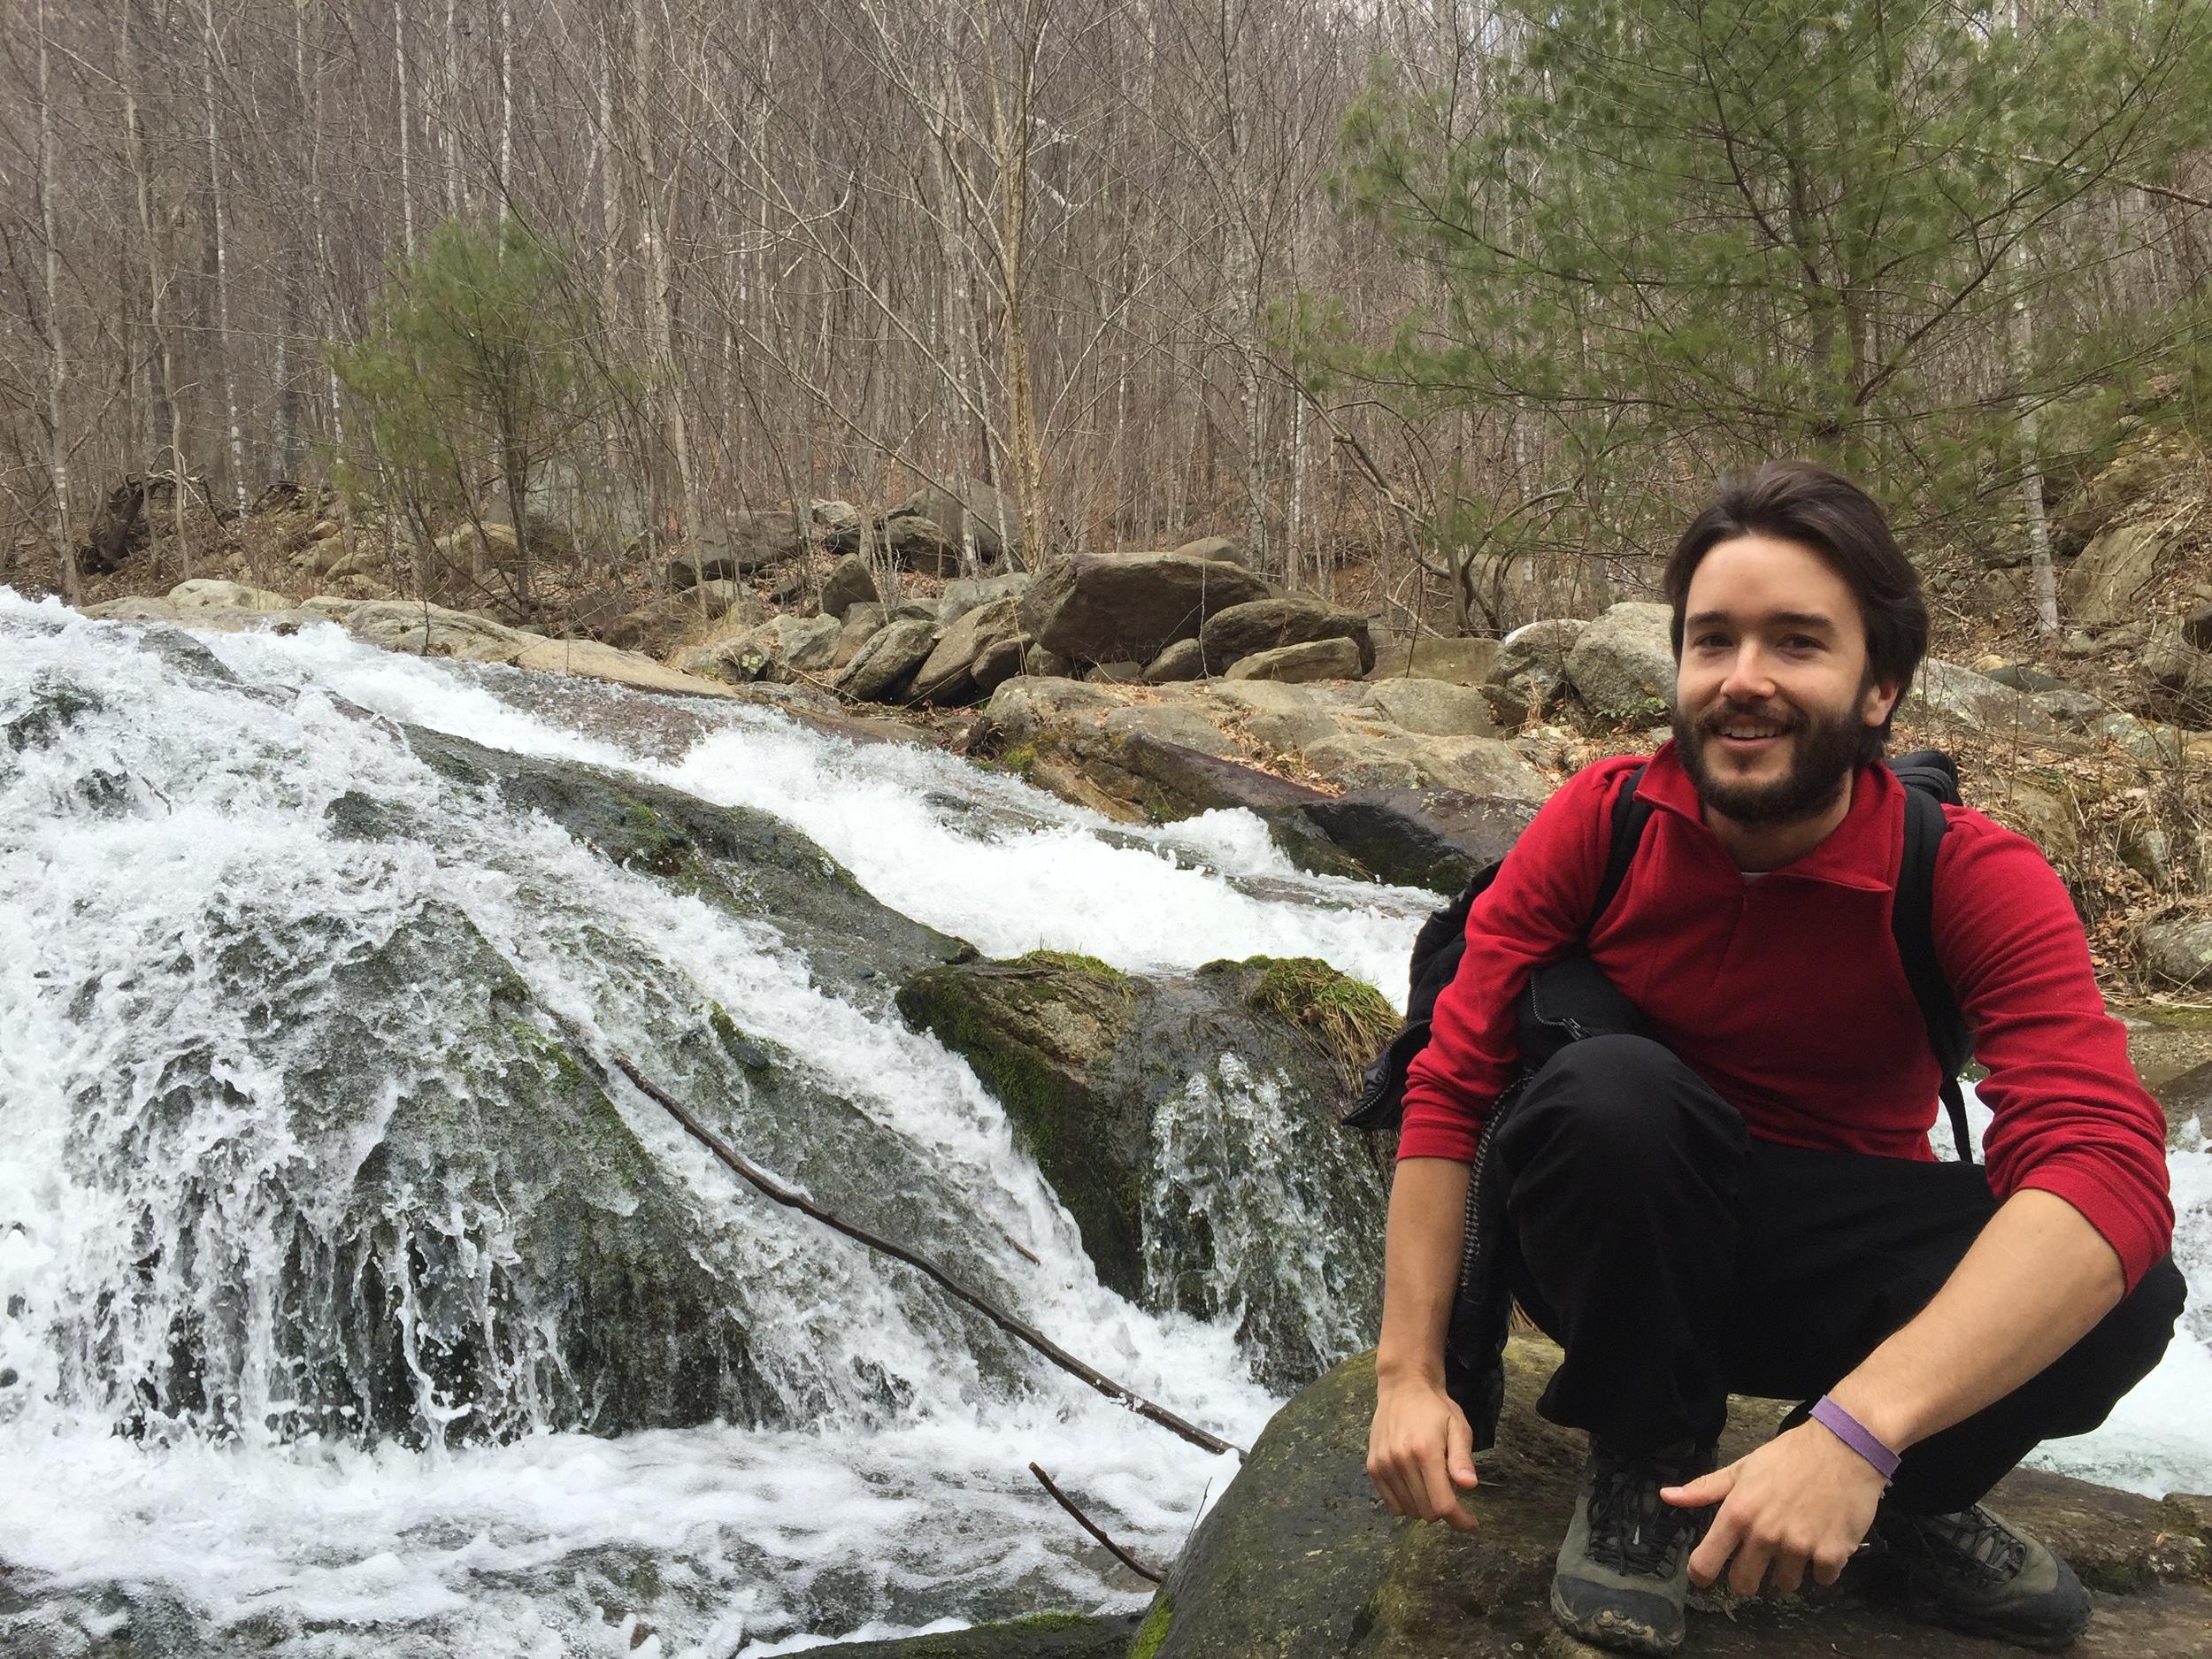 Streams and Mon, Hiking to Bear Church Rock, Shenandoah National Park